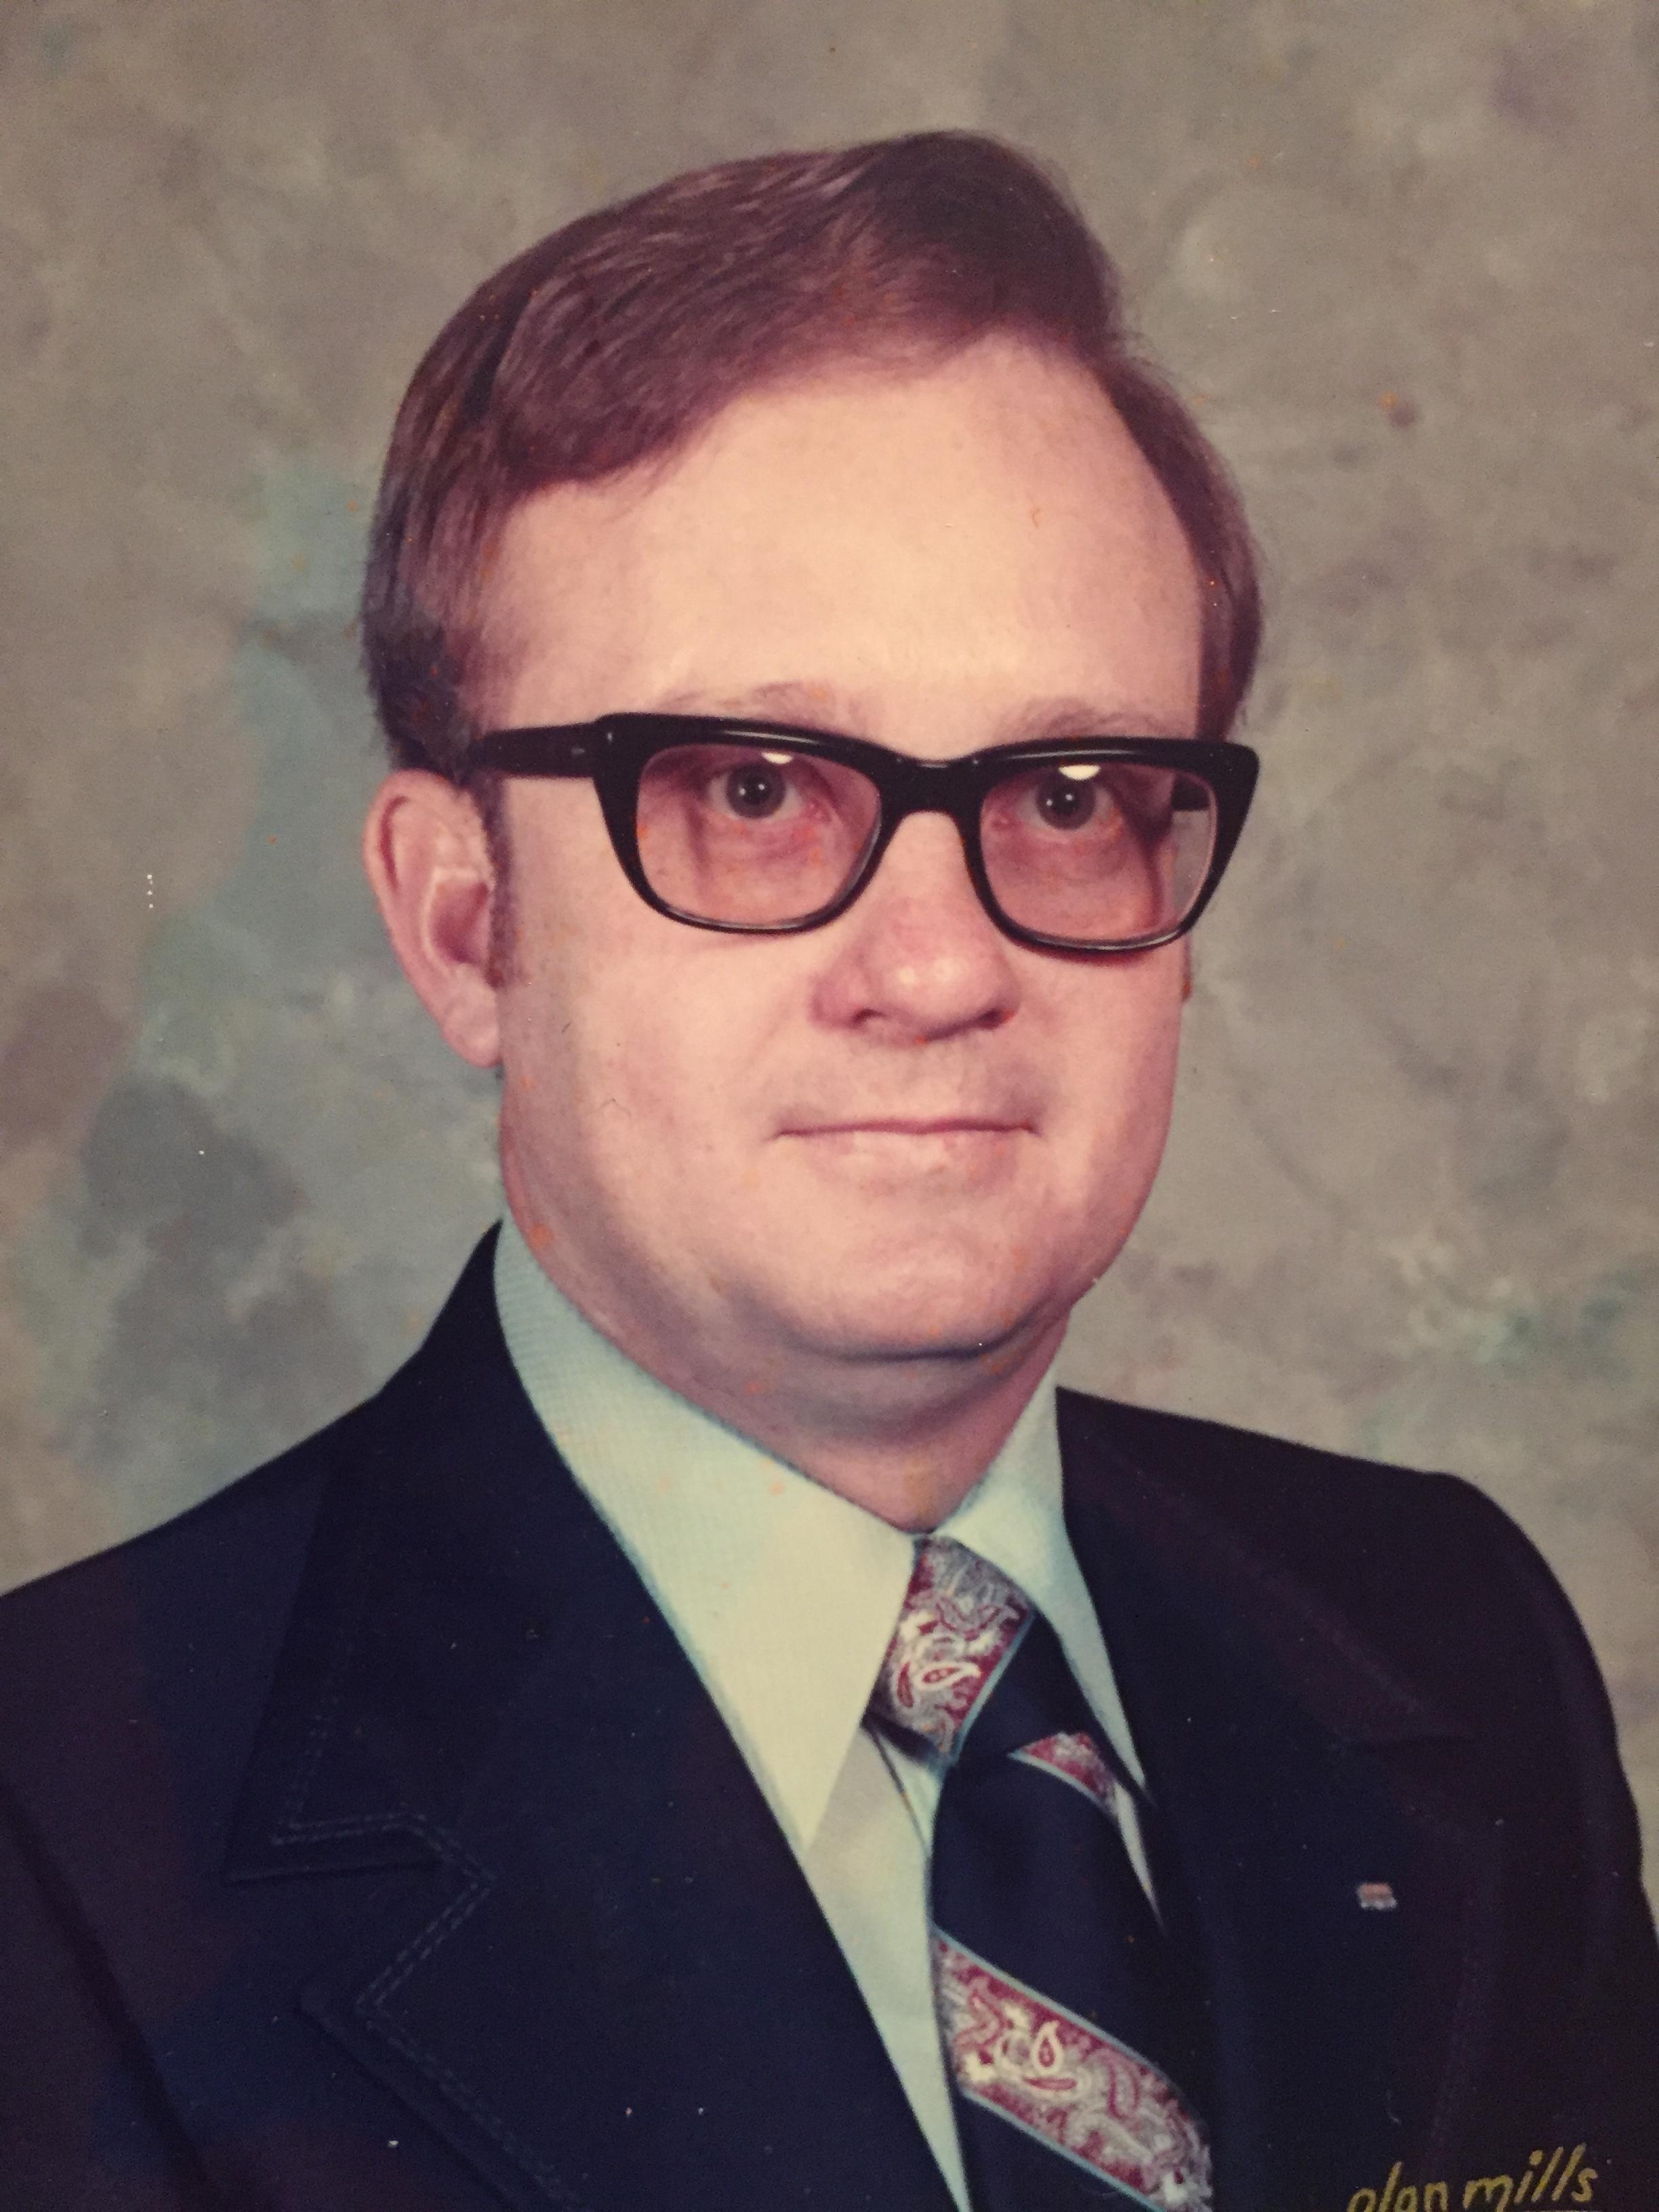 My dad circa 1970.